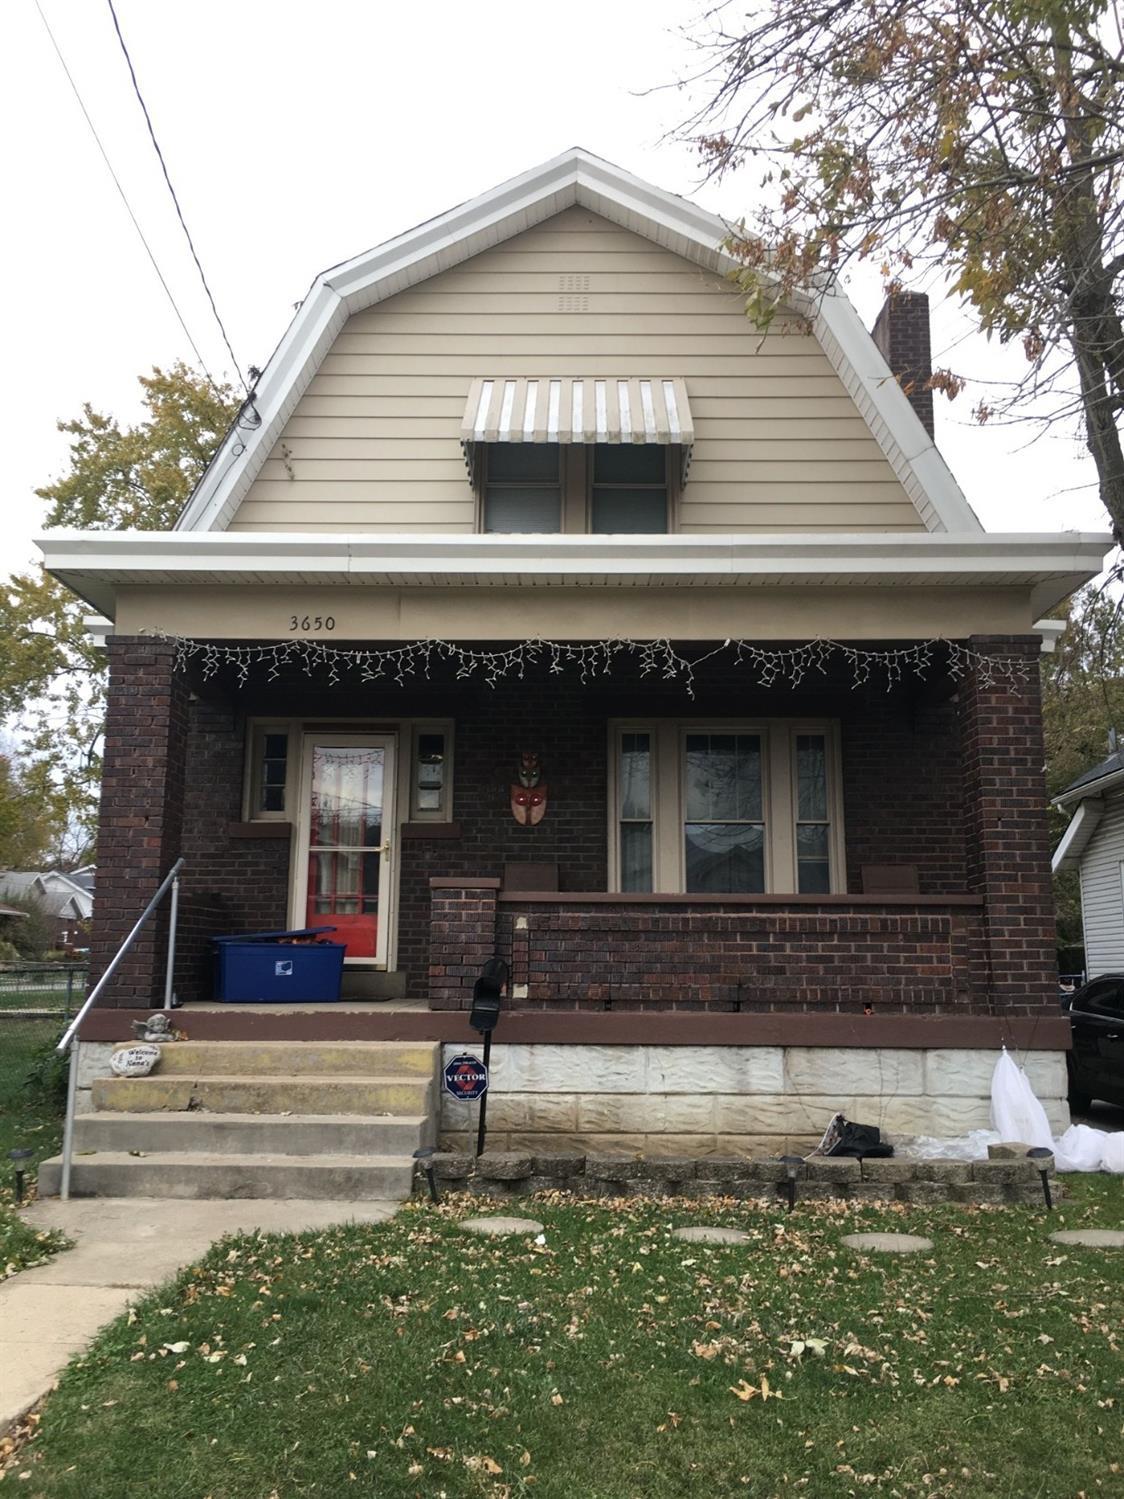 3650 Boudinot Ave Cincinnati OH